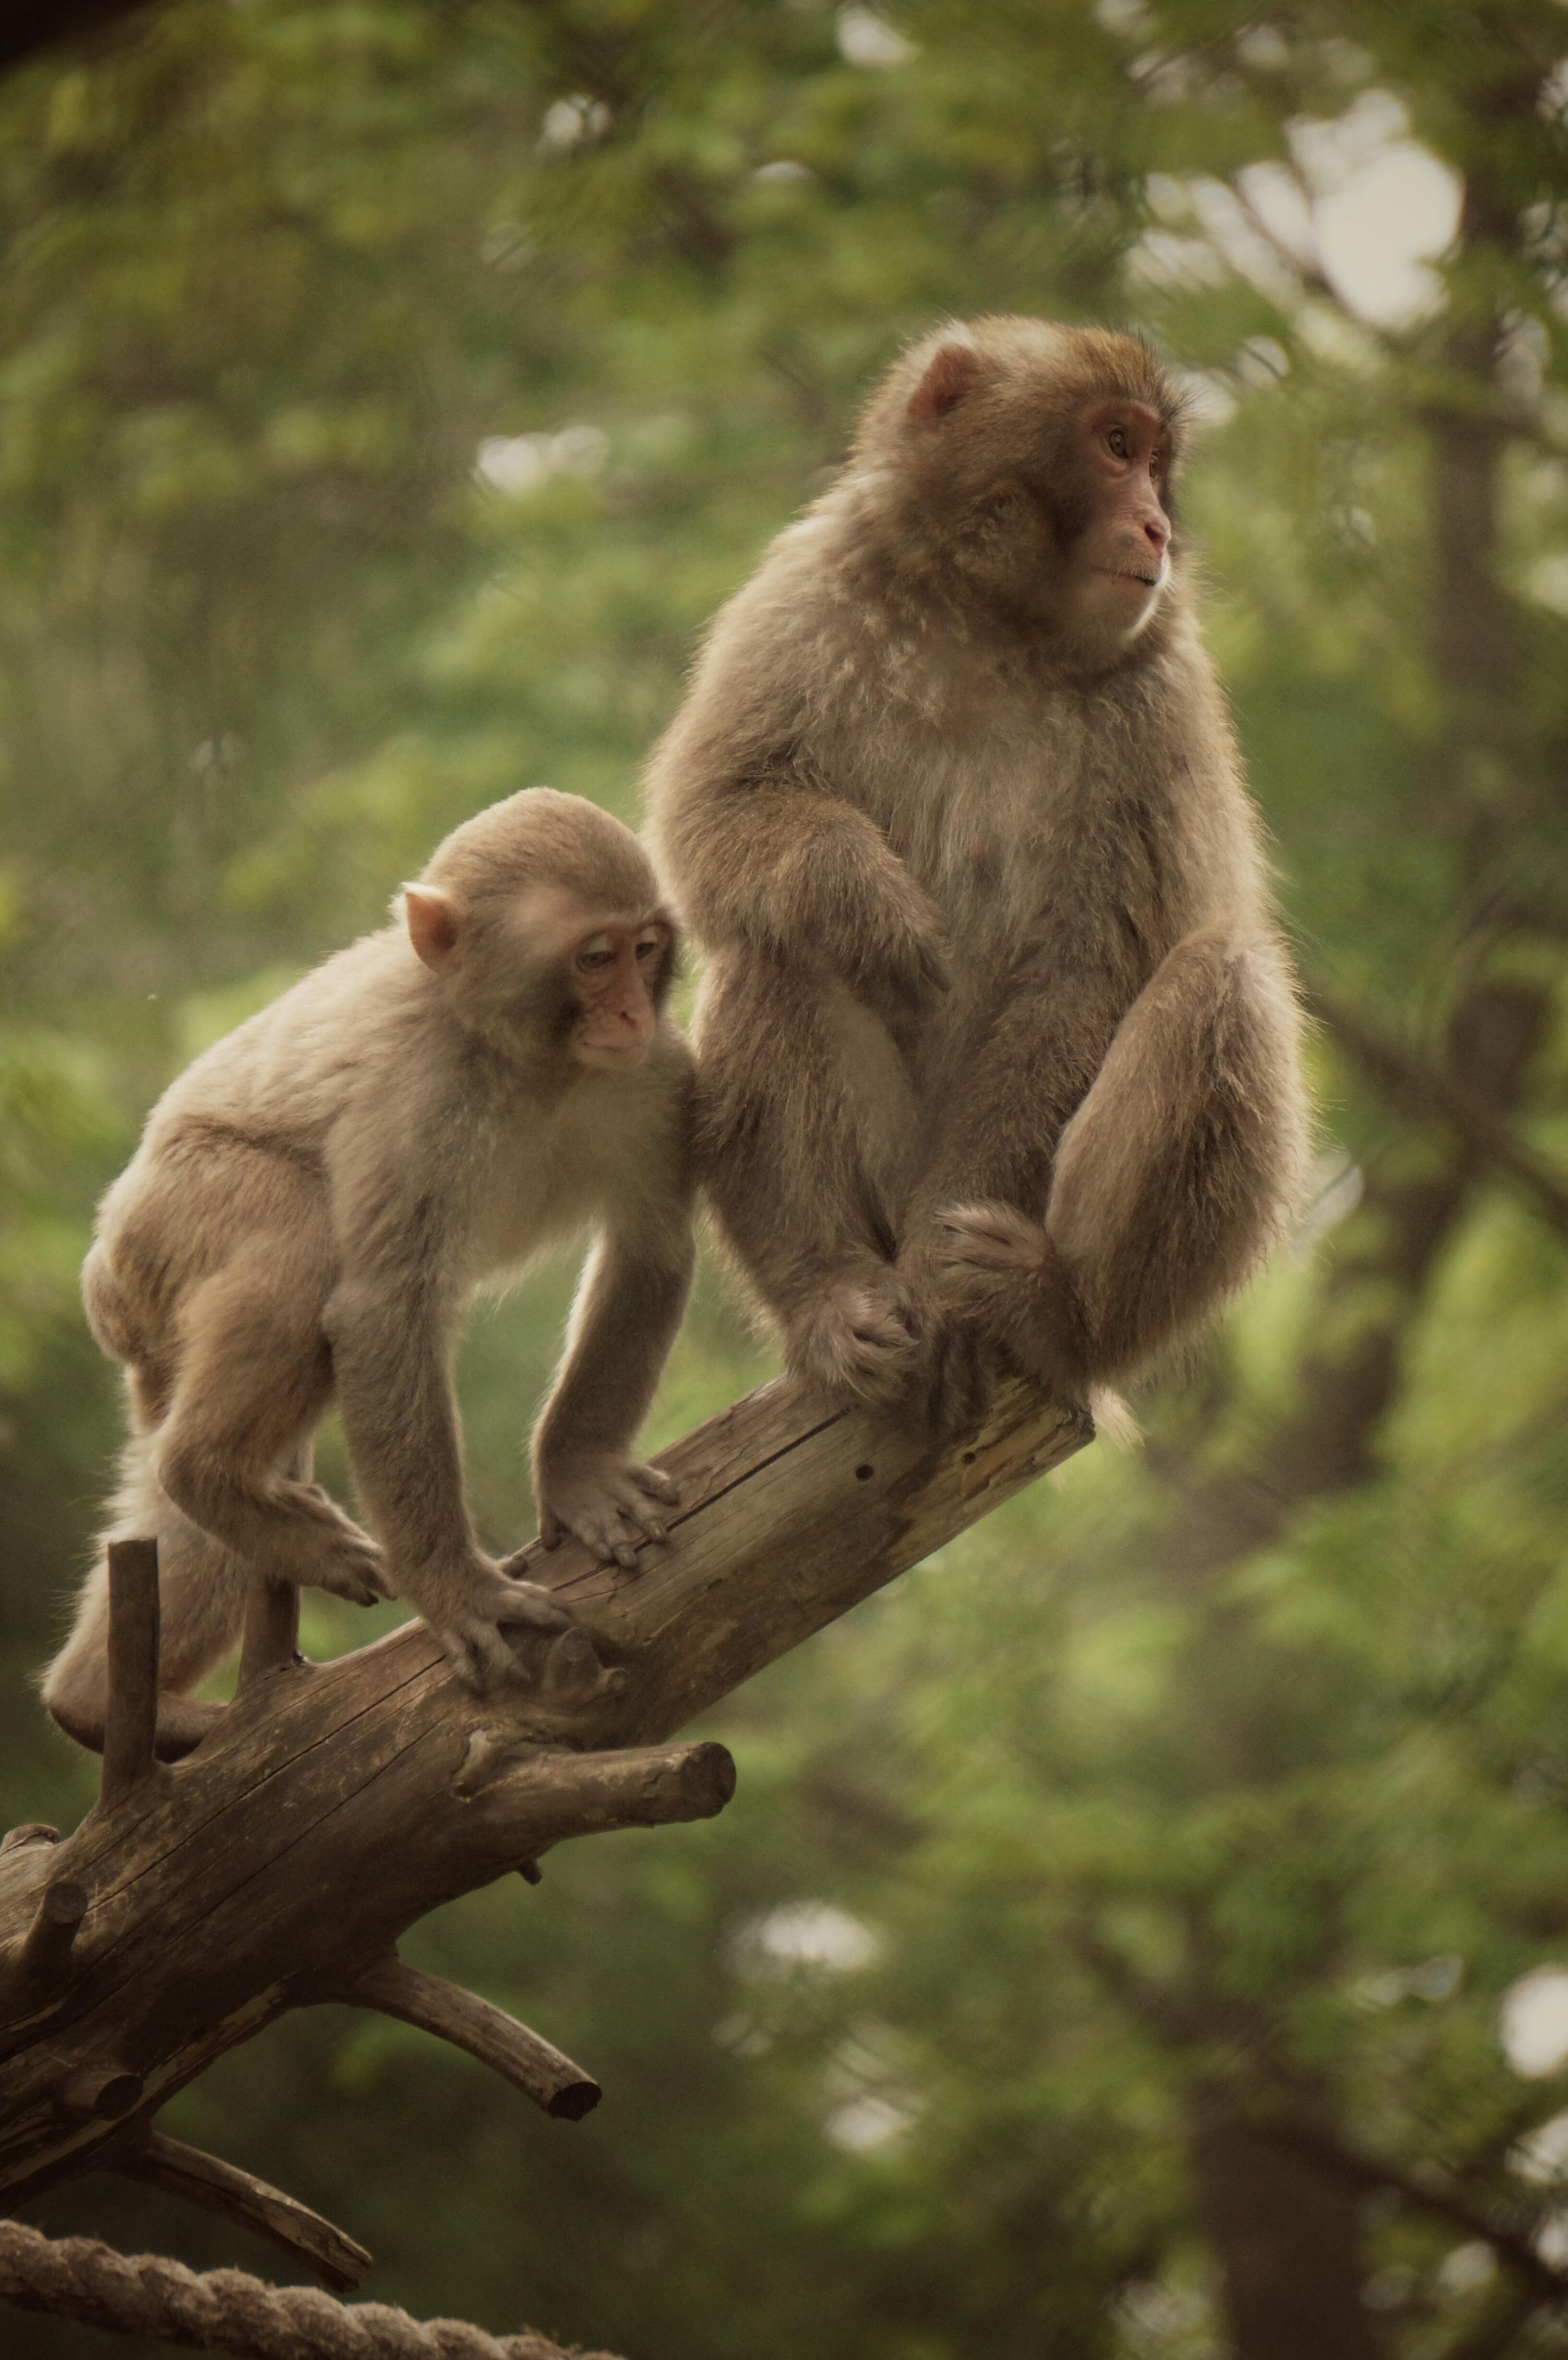 I'm not your monkey